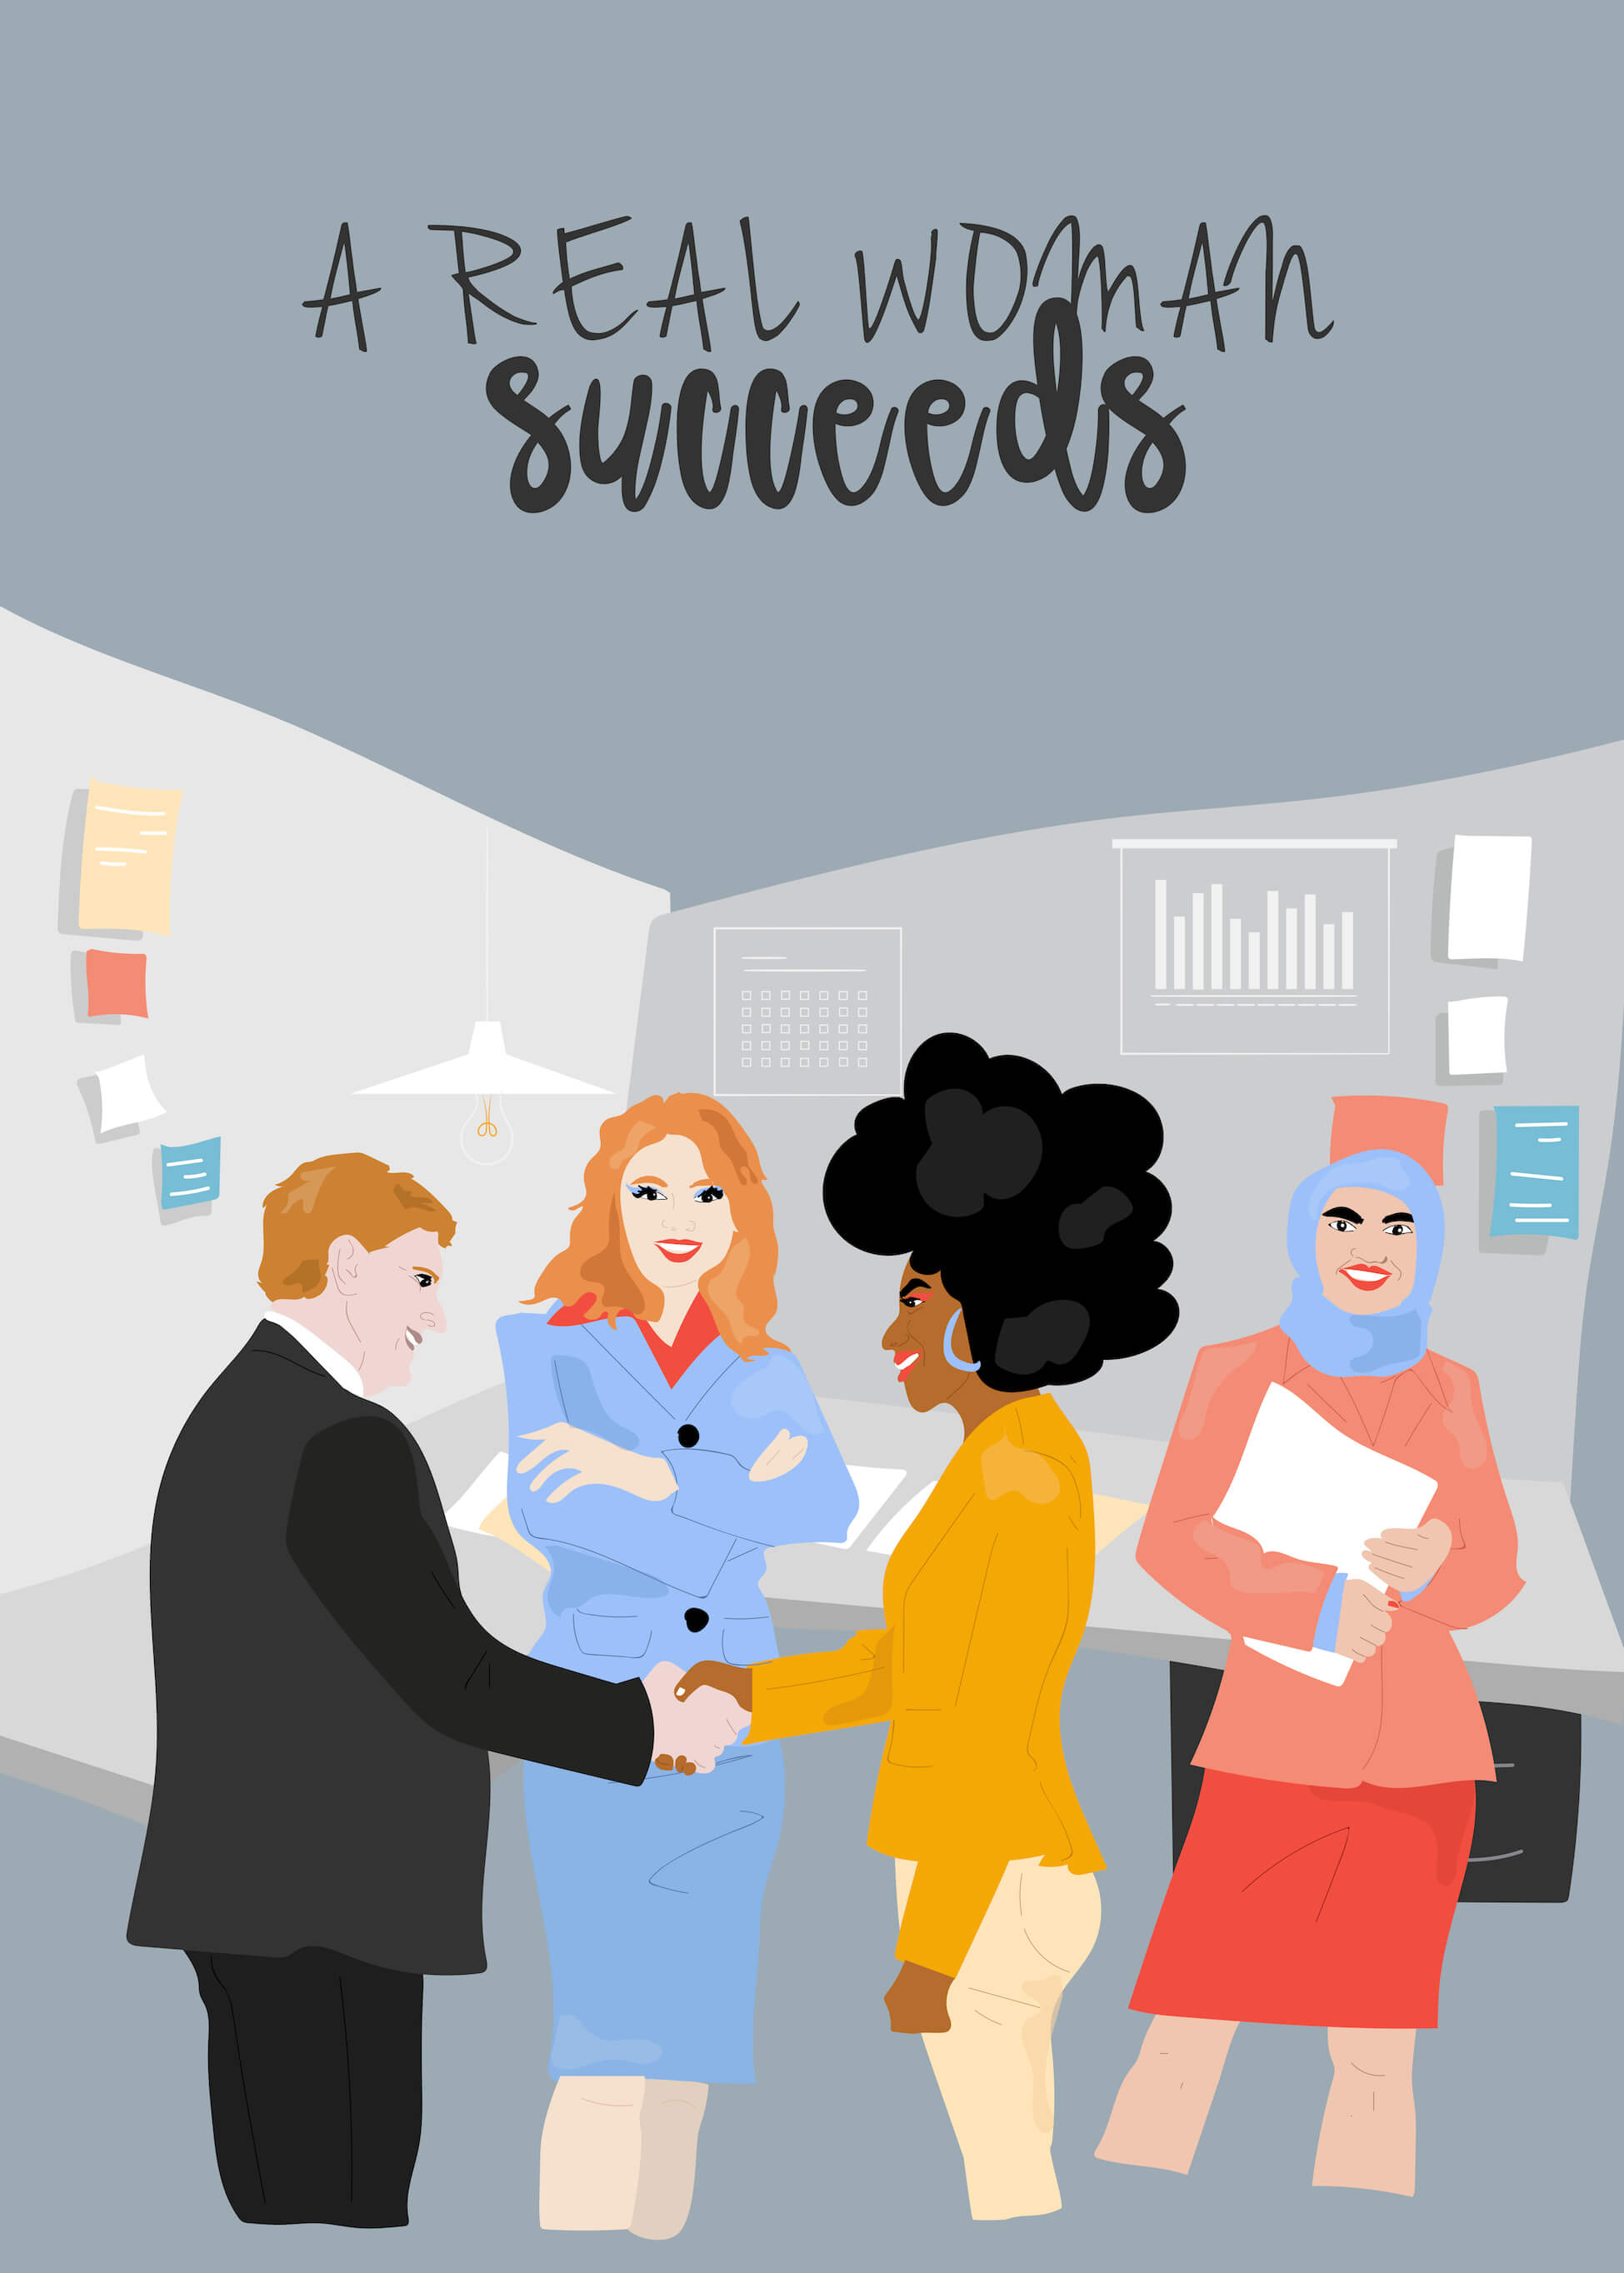 A Real Woman Succeeds main image